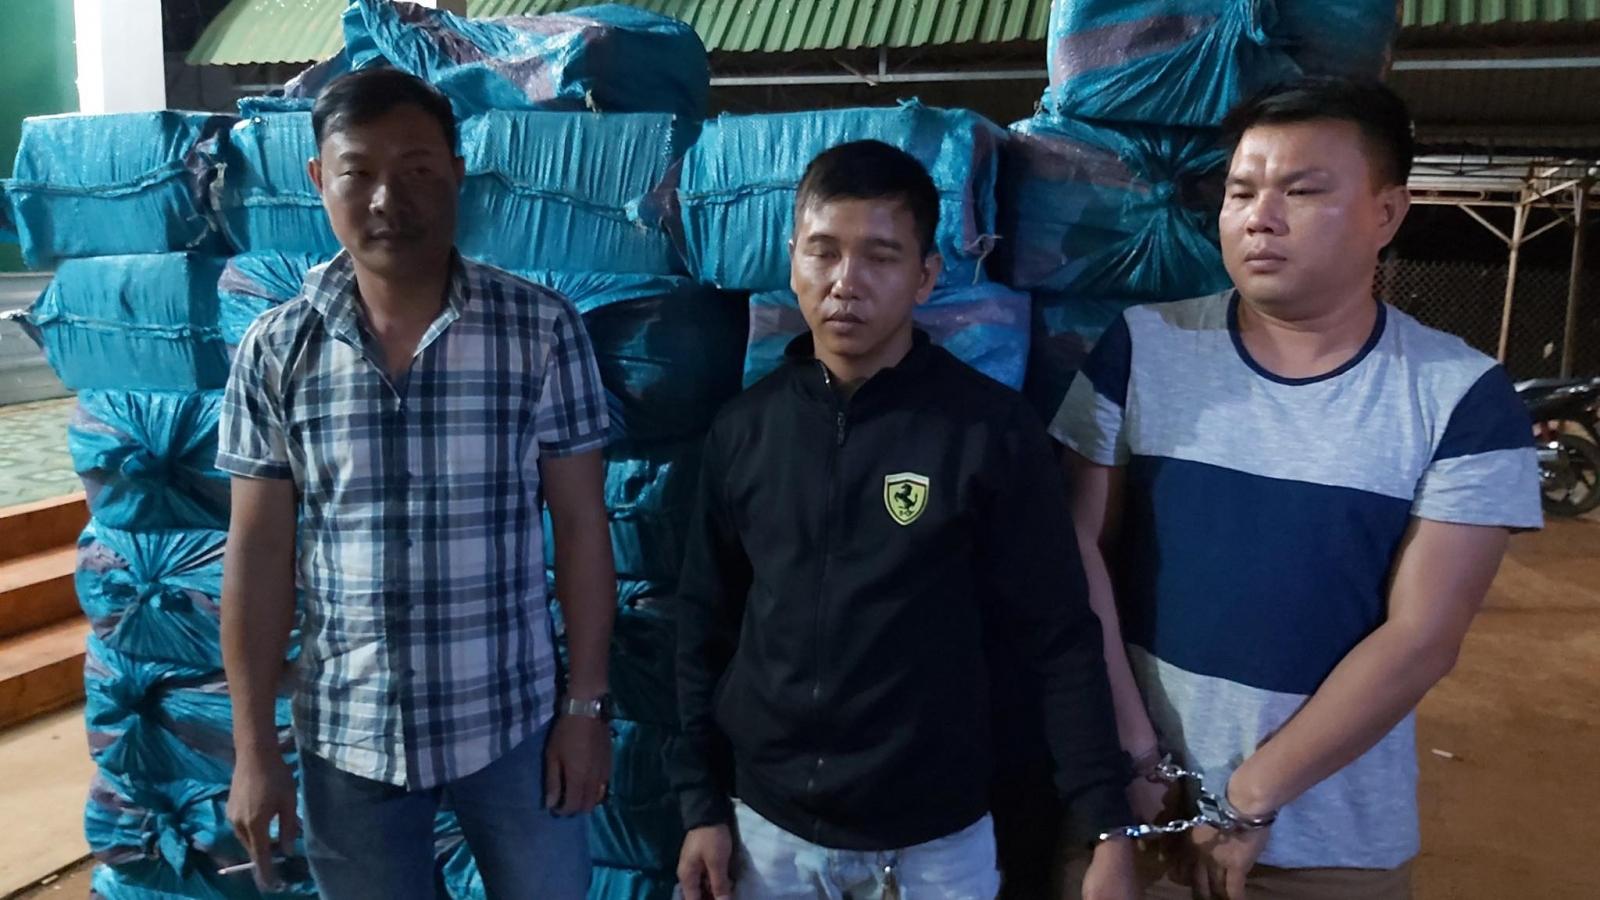 Buôn lậu 18.000 bao thuốc lá, 3 người bị khởi tố